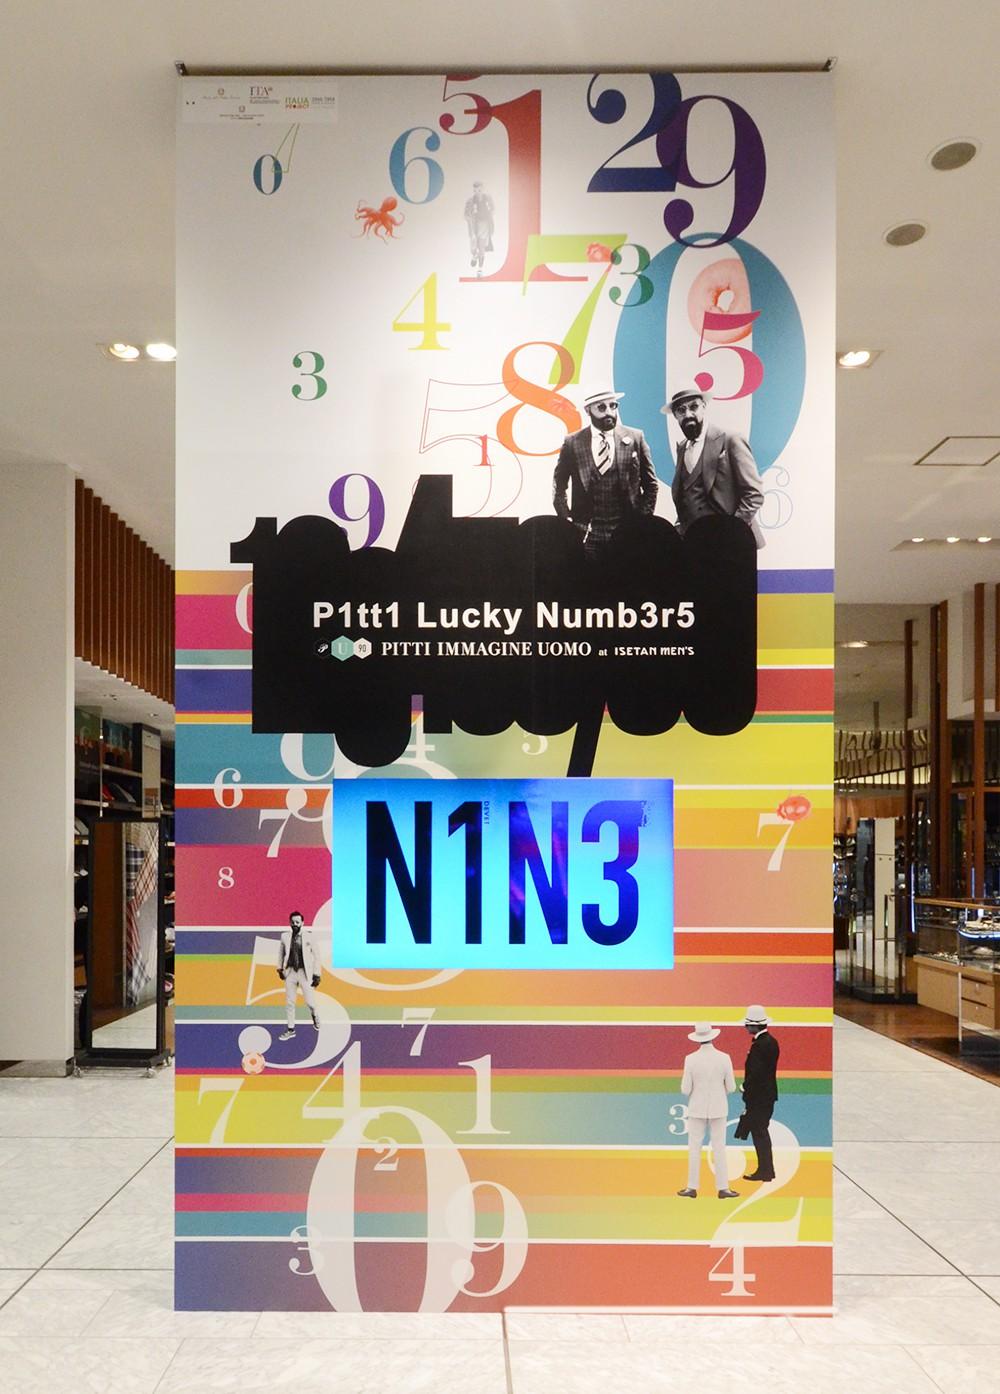 Lucky Num3r5(Pitti Immagine Uomo 86)